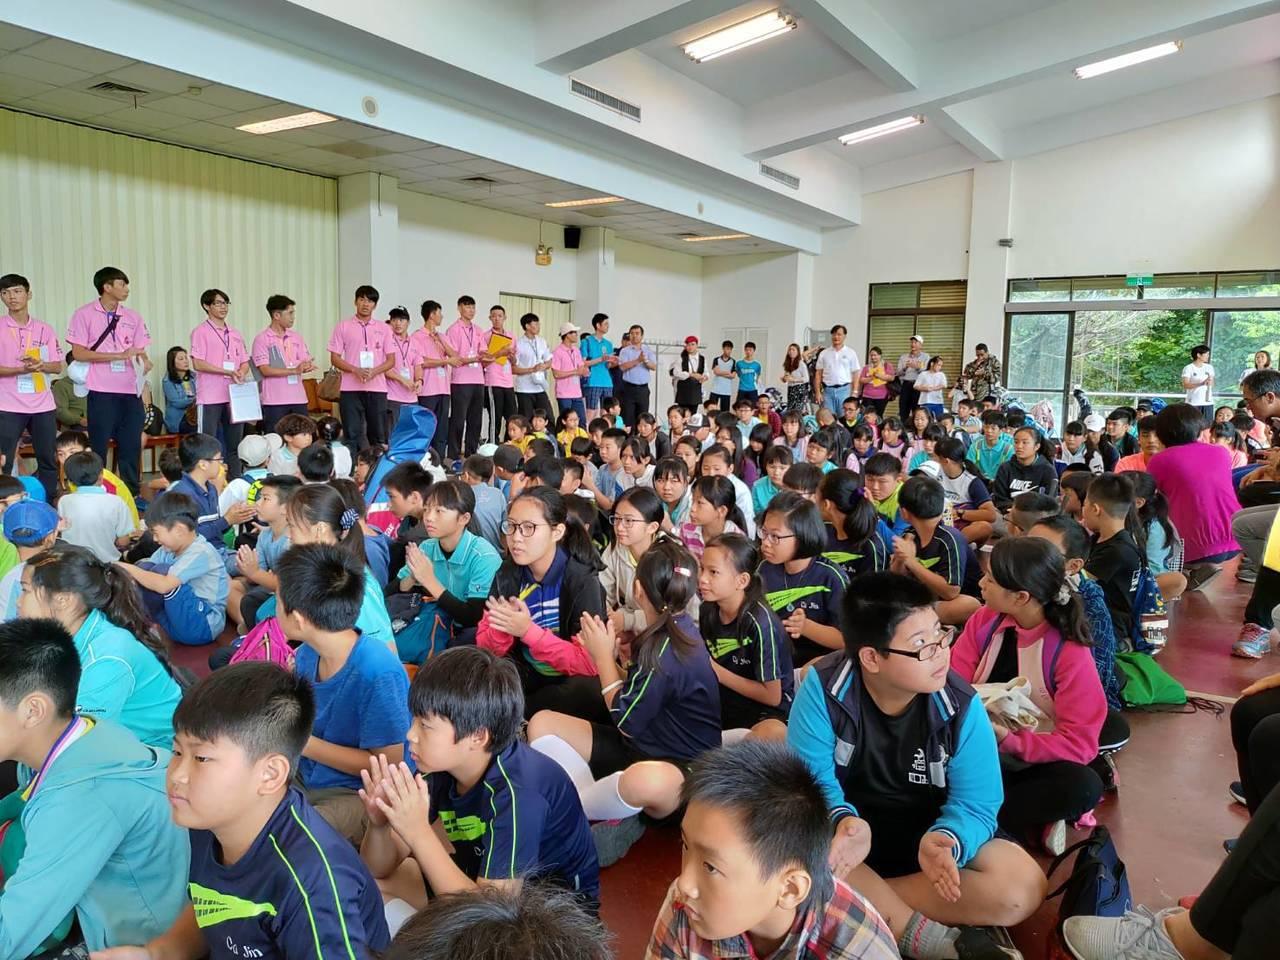 有200多人參加花蓮縣長盃暨全運會代表選拔賽圖/高協提供